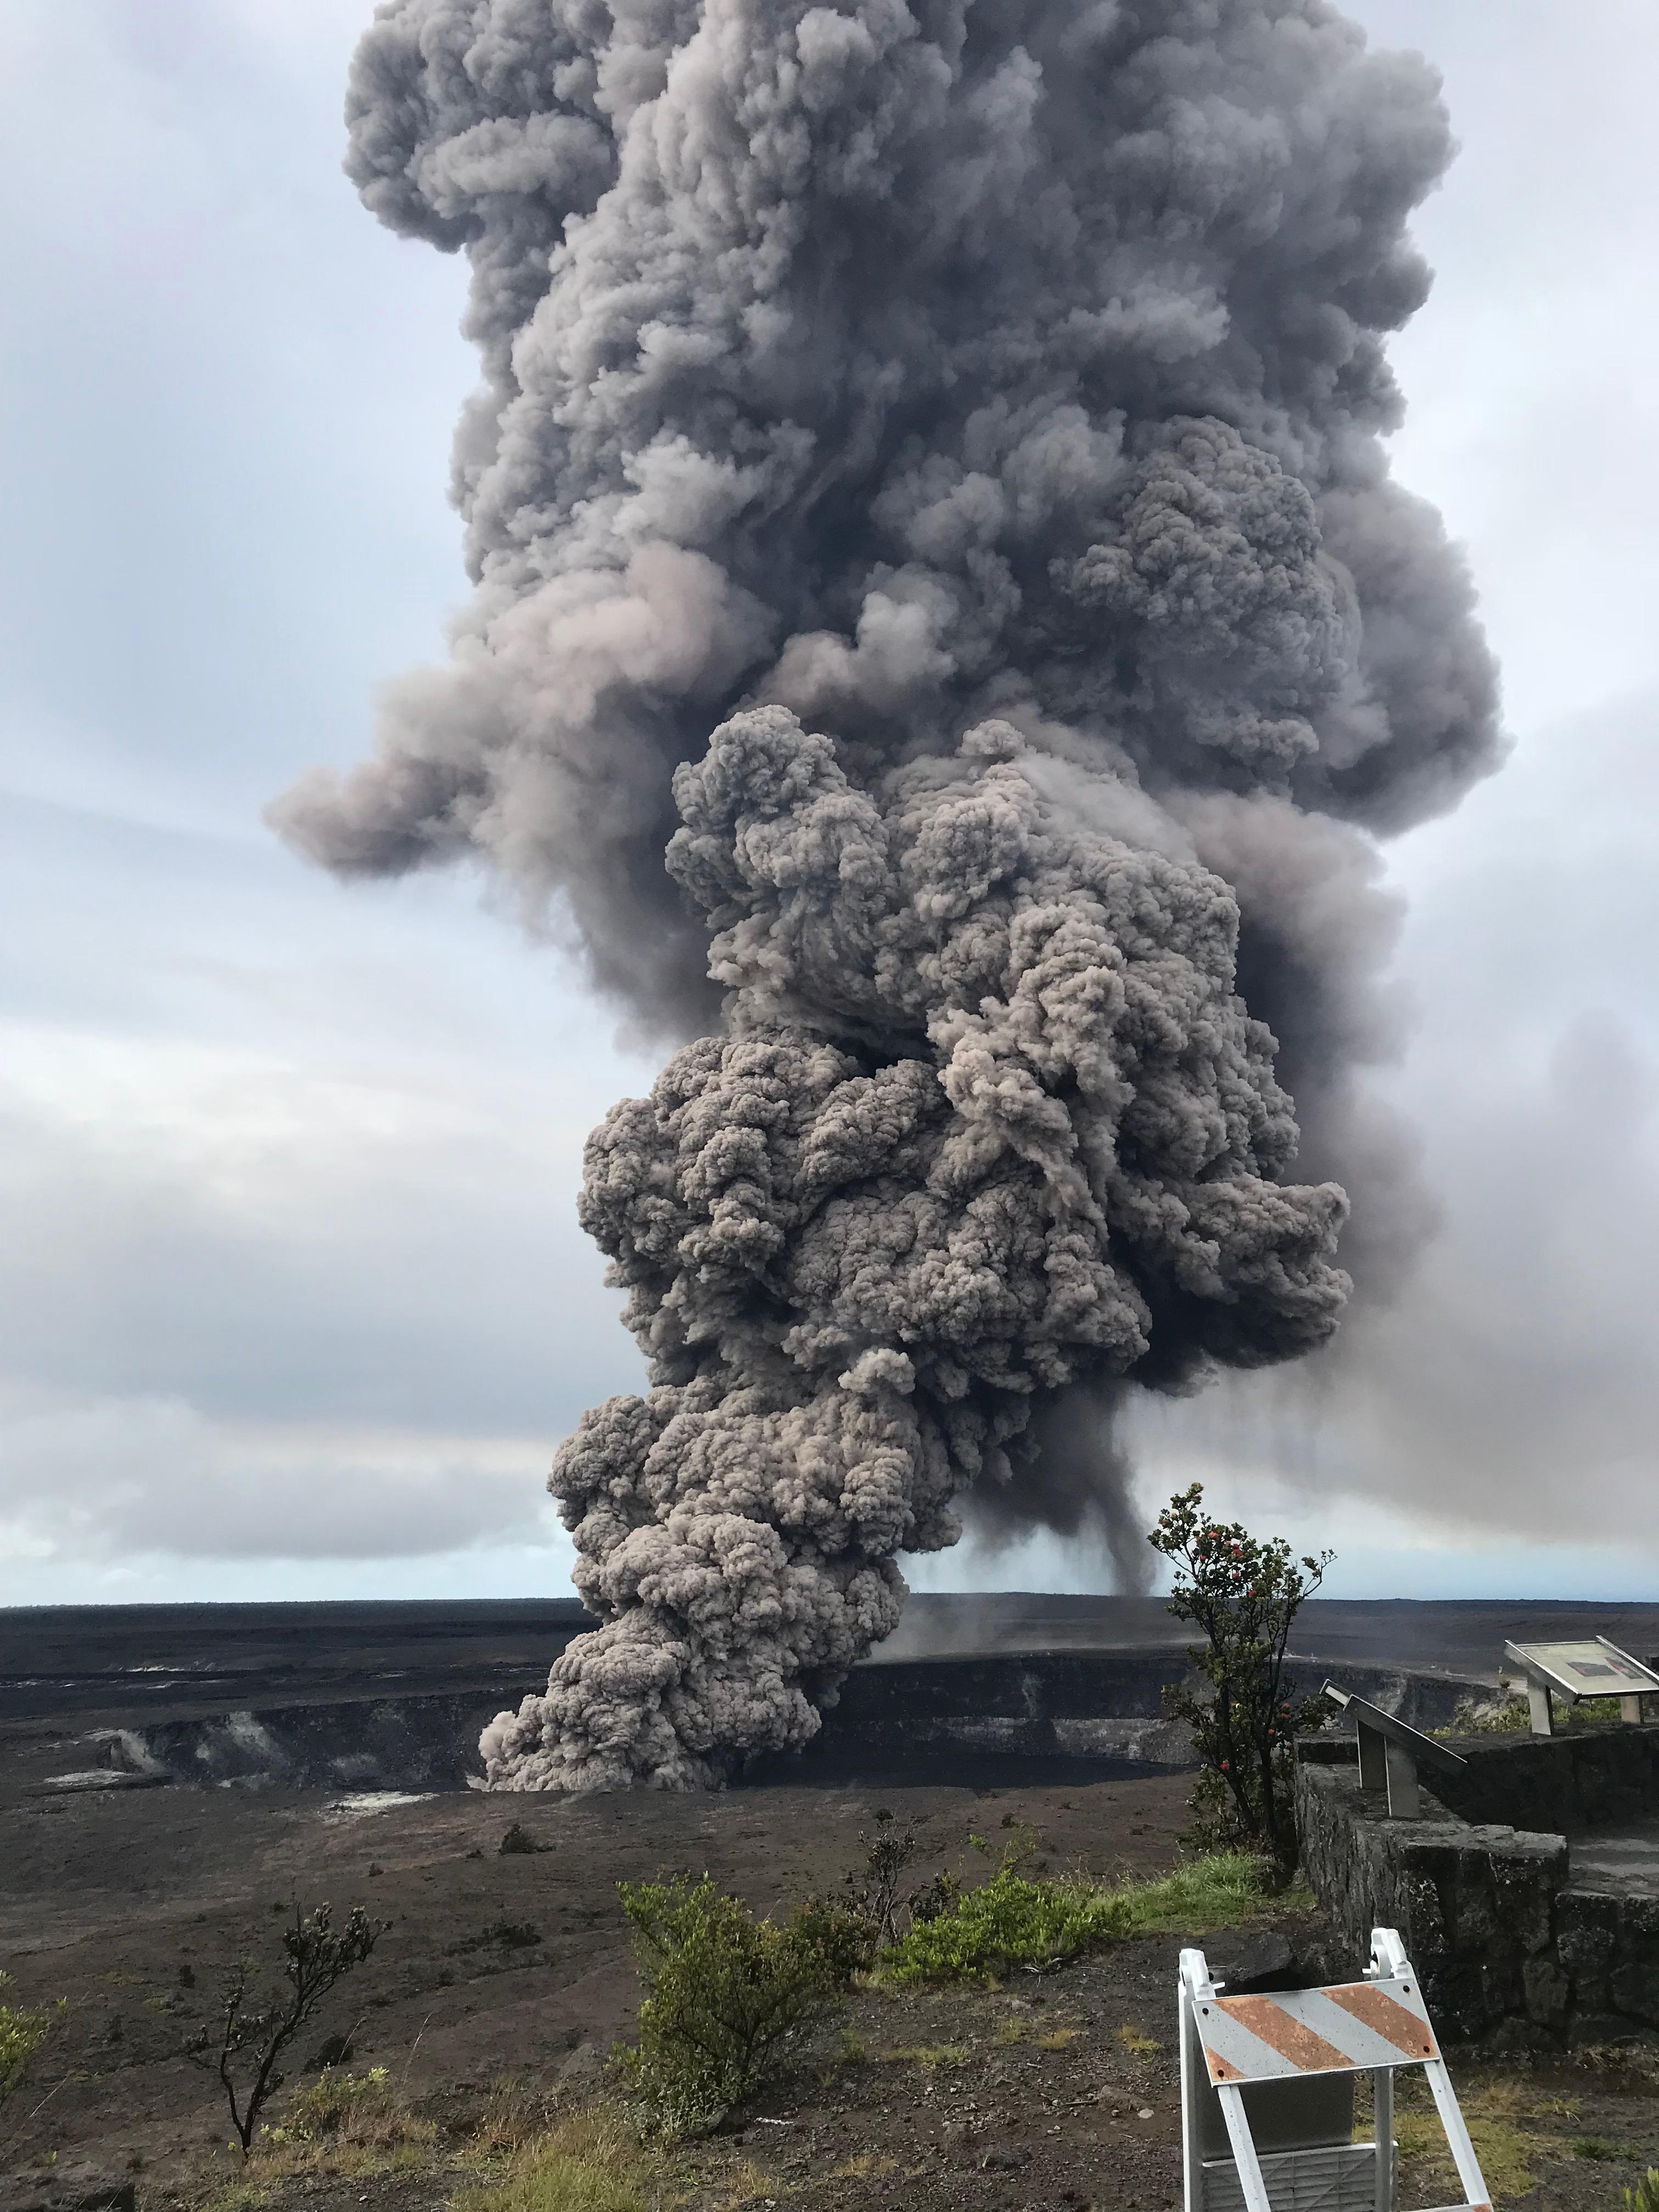 V Vulkan